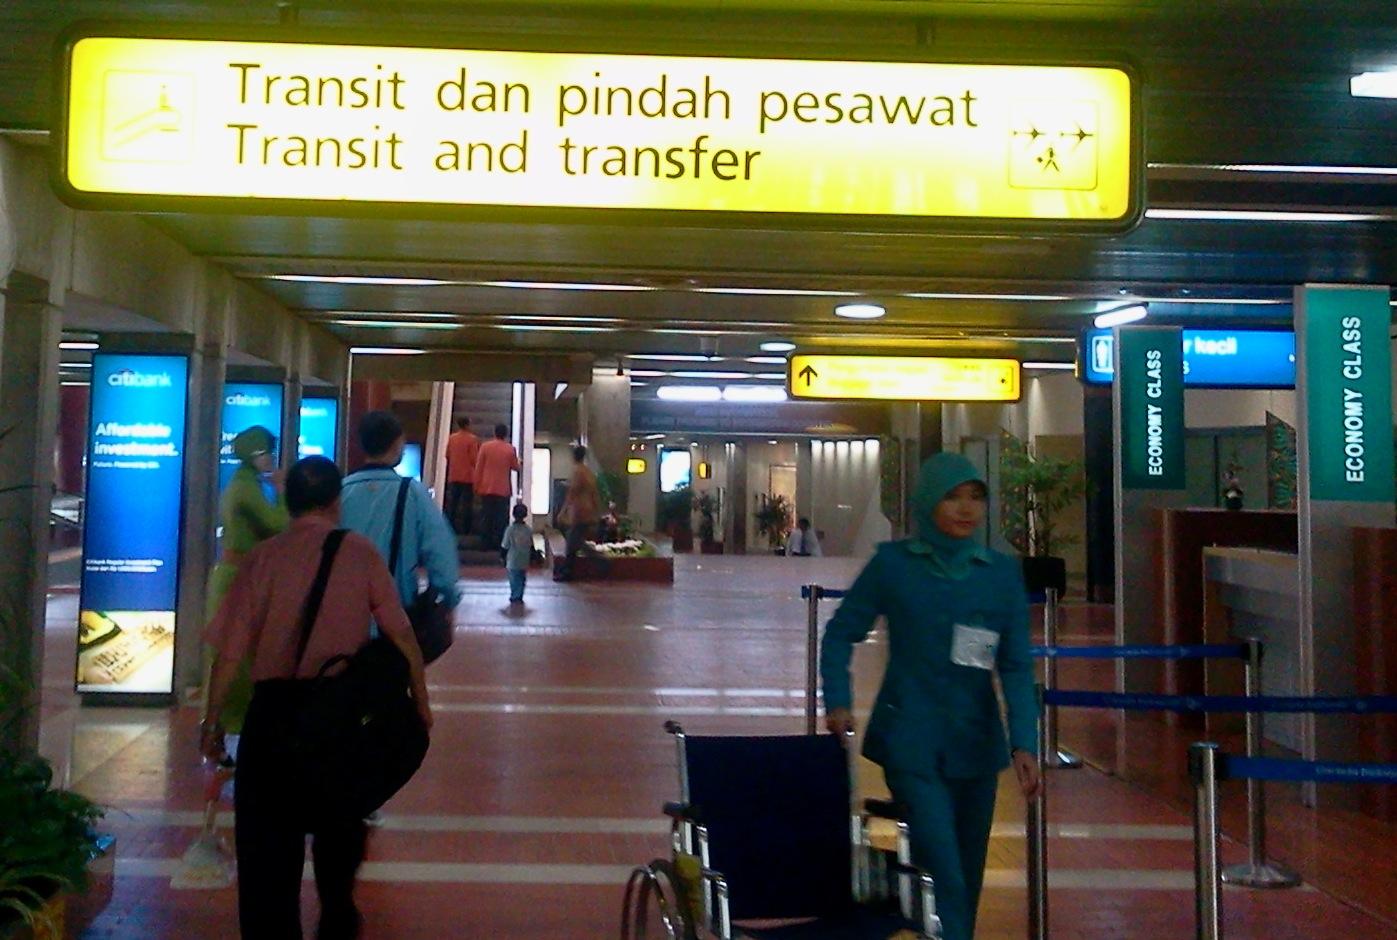 2011-08-06_Tanda_transit_dan_pemberitahuan_pindah_pesawat_di_bandara_soetta.jpg